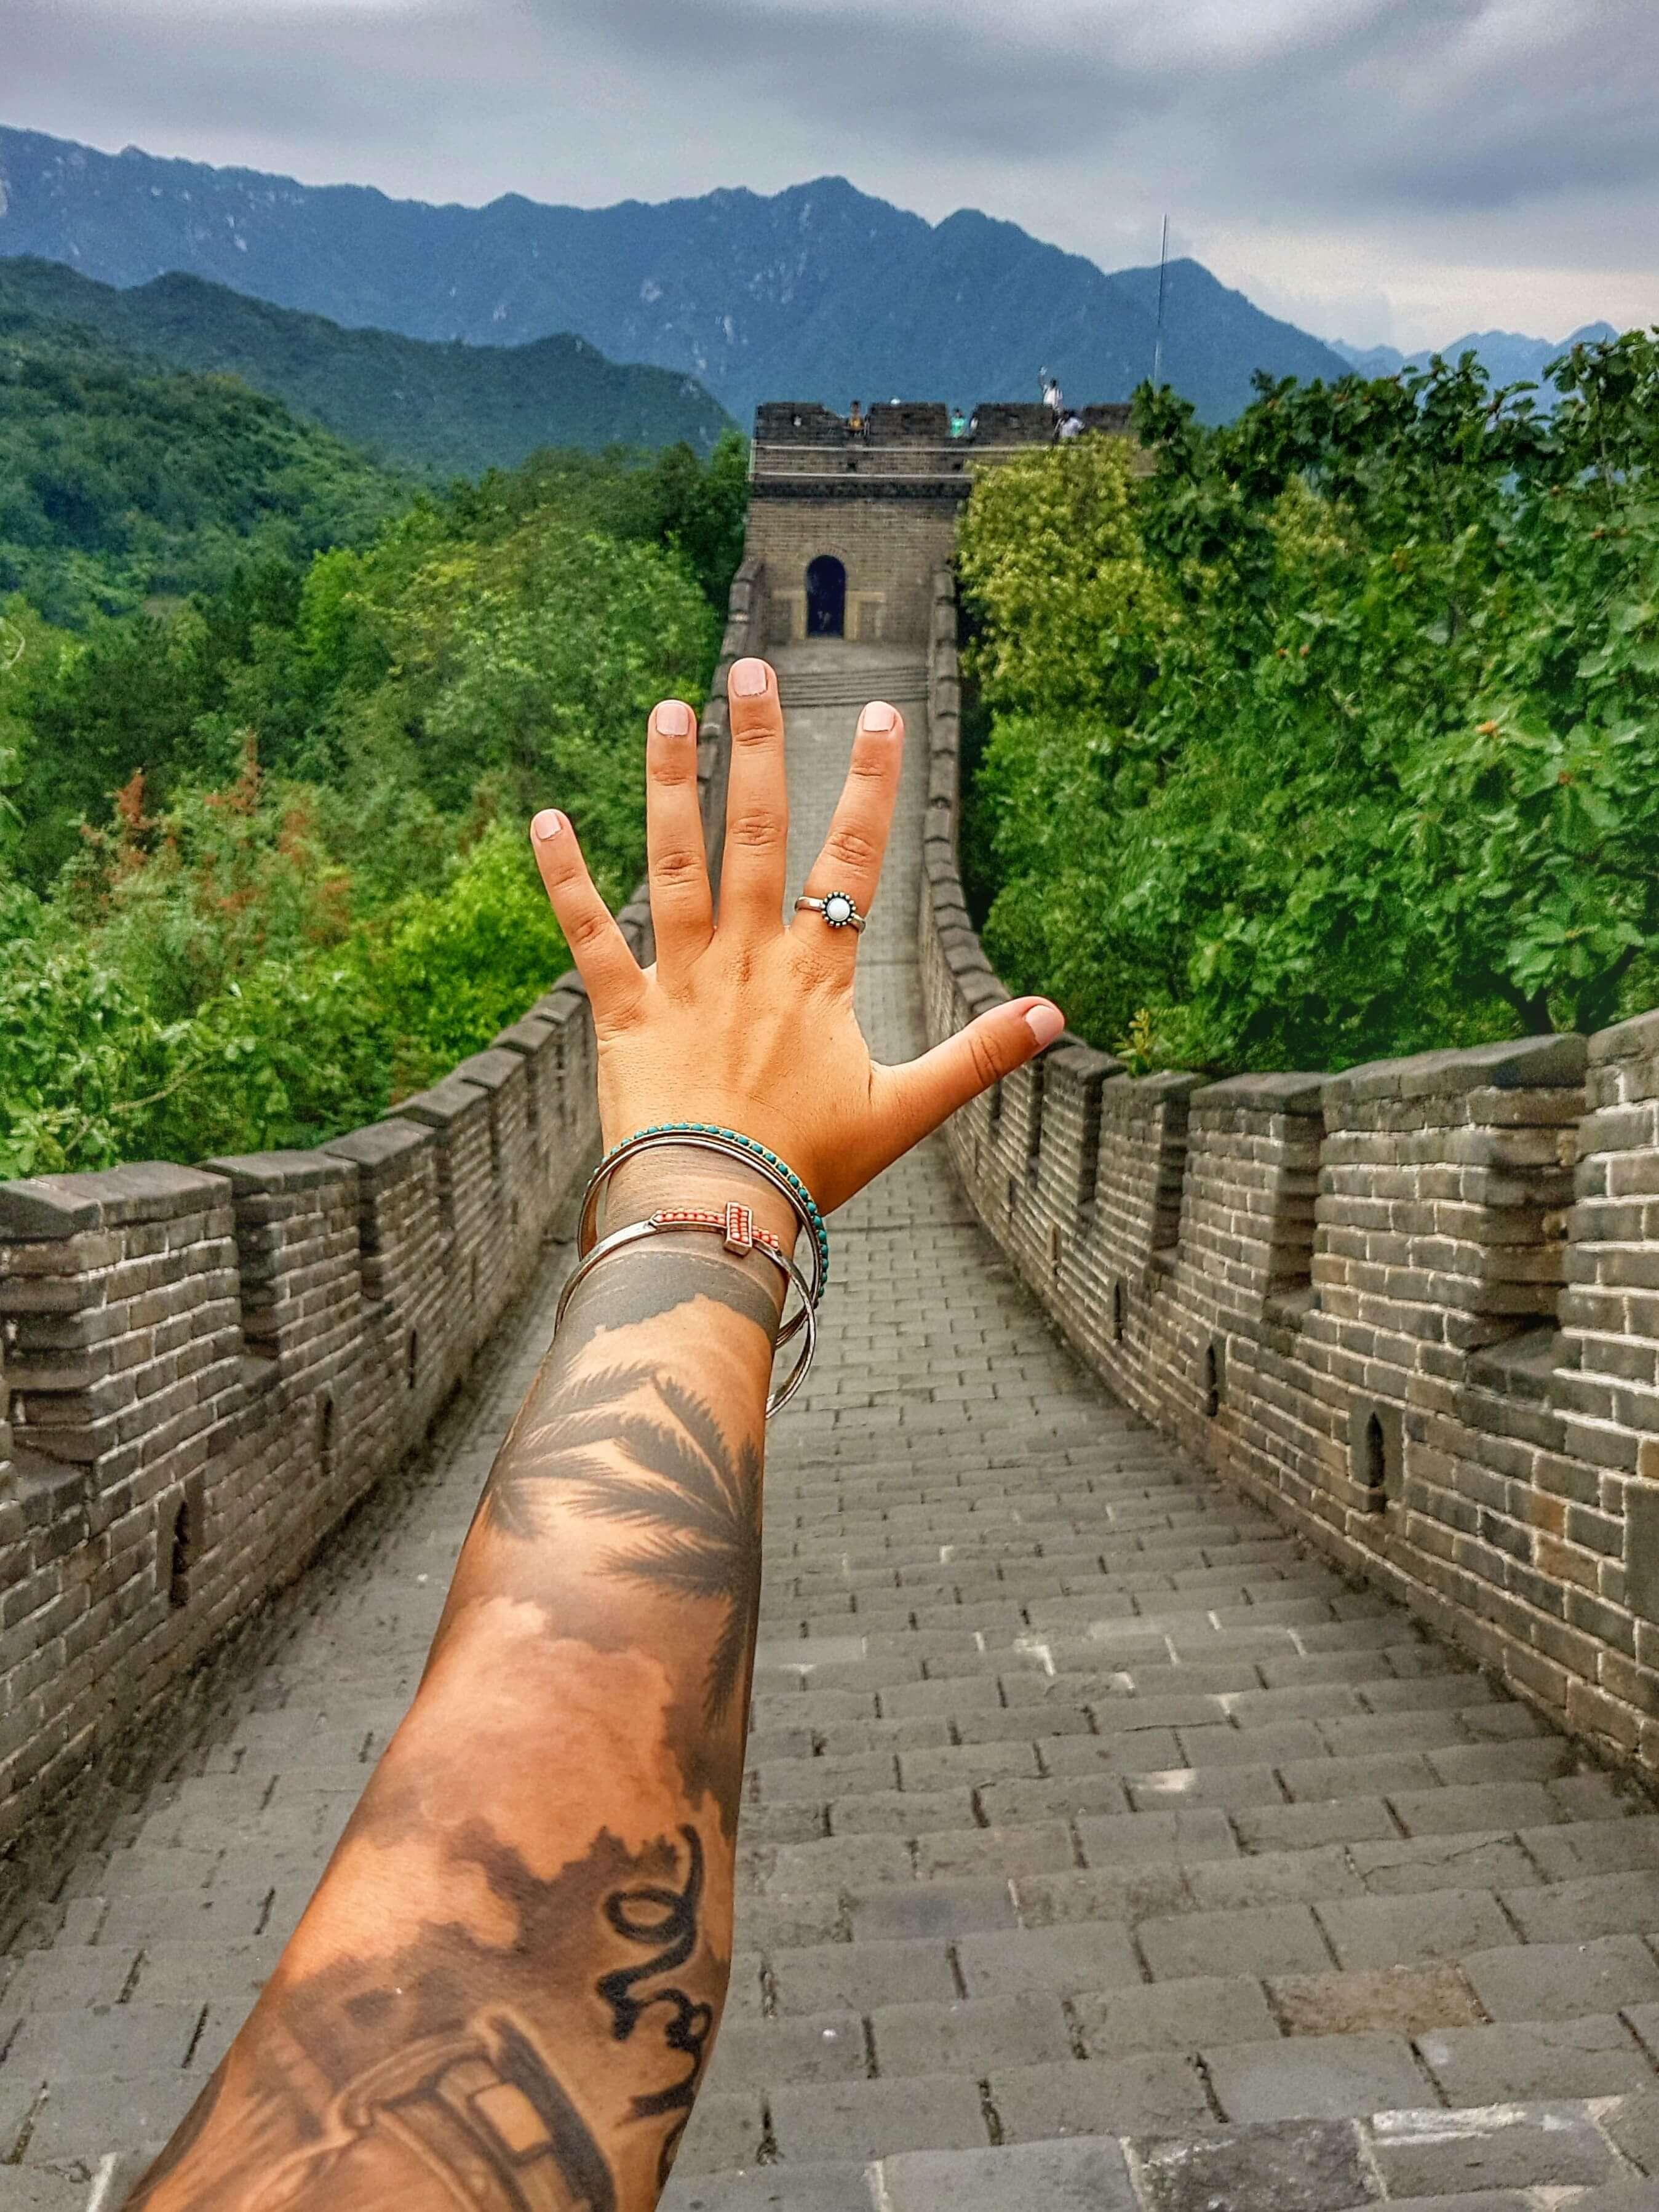 Chinesische Mauer - Fotoparade 02/17